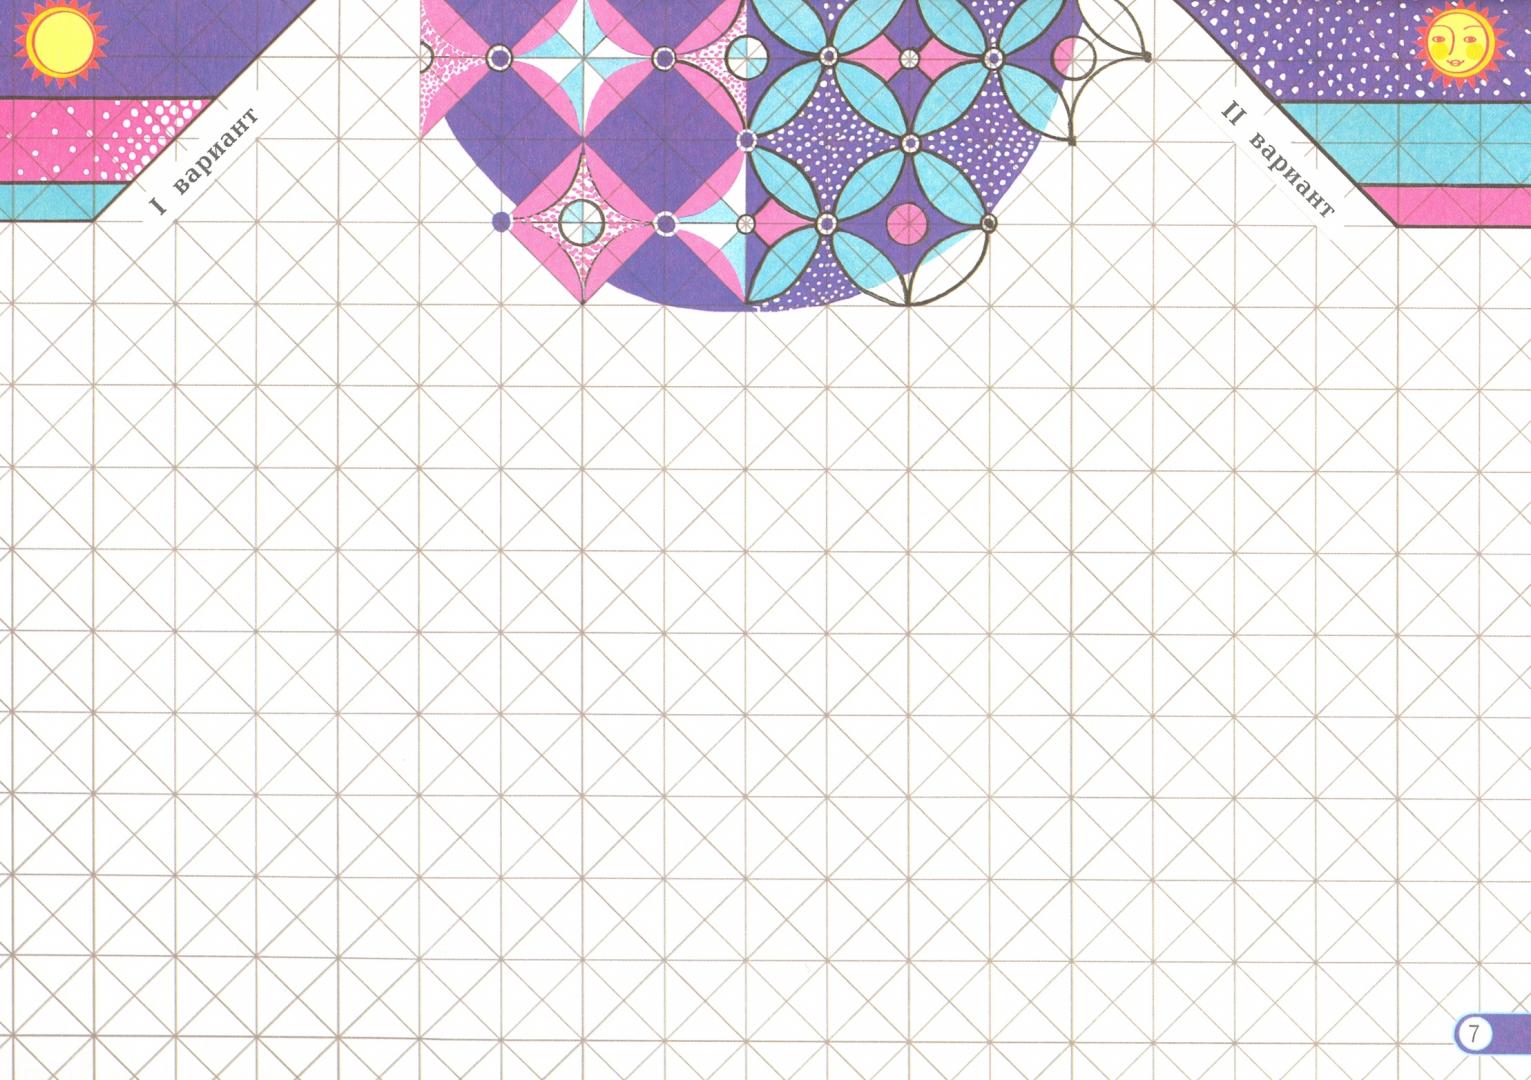 Иллюстрация 1 из 2 для Изобразительное искусство. 4 класс. Красота спасет мир. Альбом художественных задач. ФГОС - Светлана Ашикова | Лабиринт - книги. Источник: Лабиринт